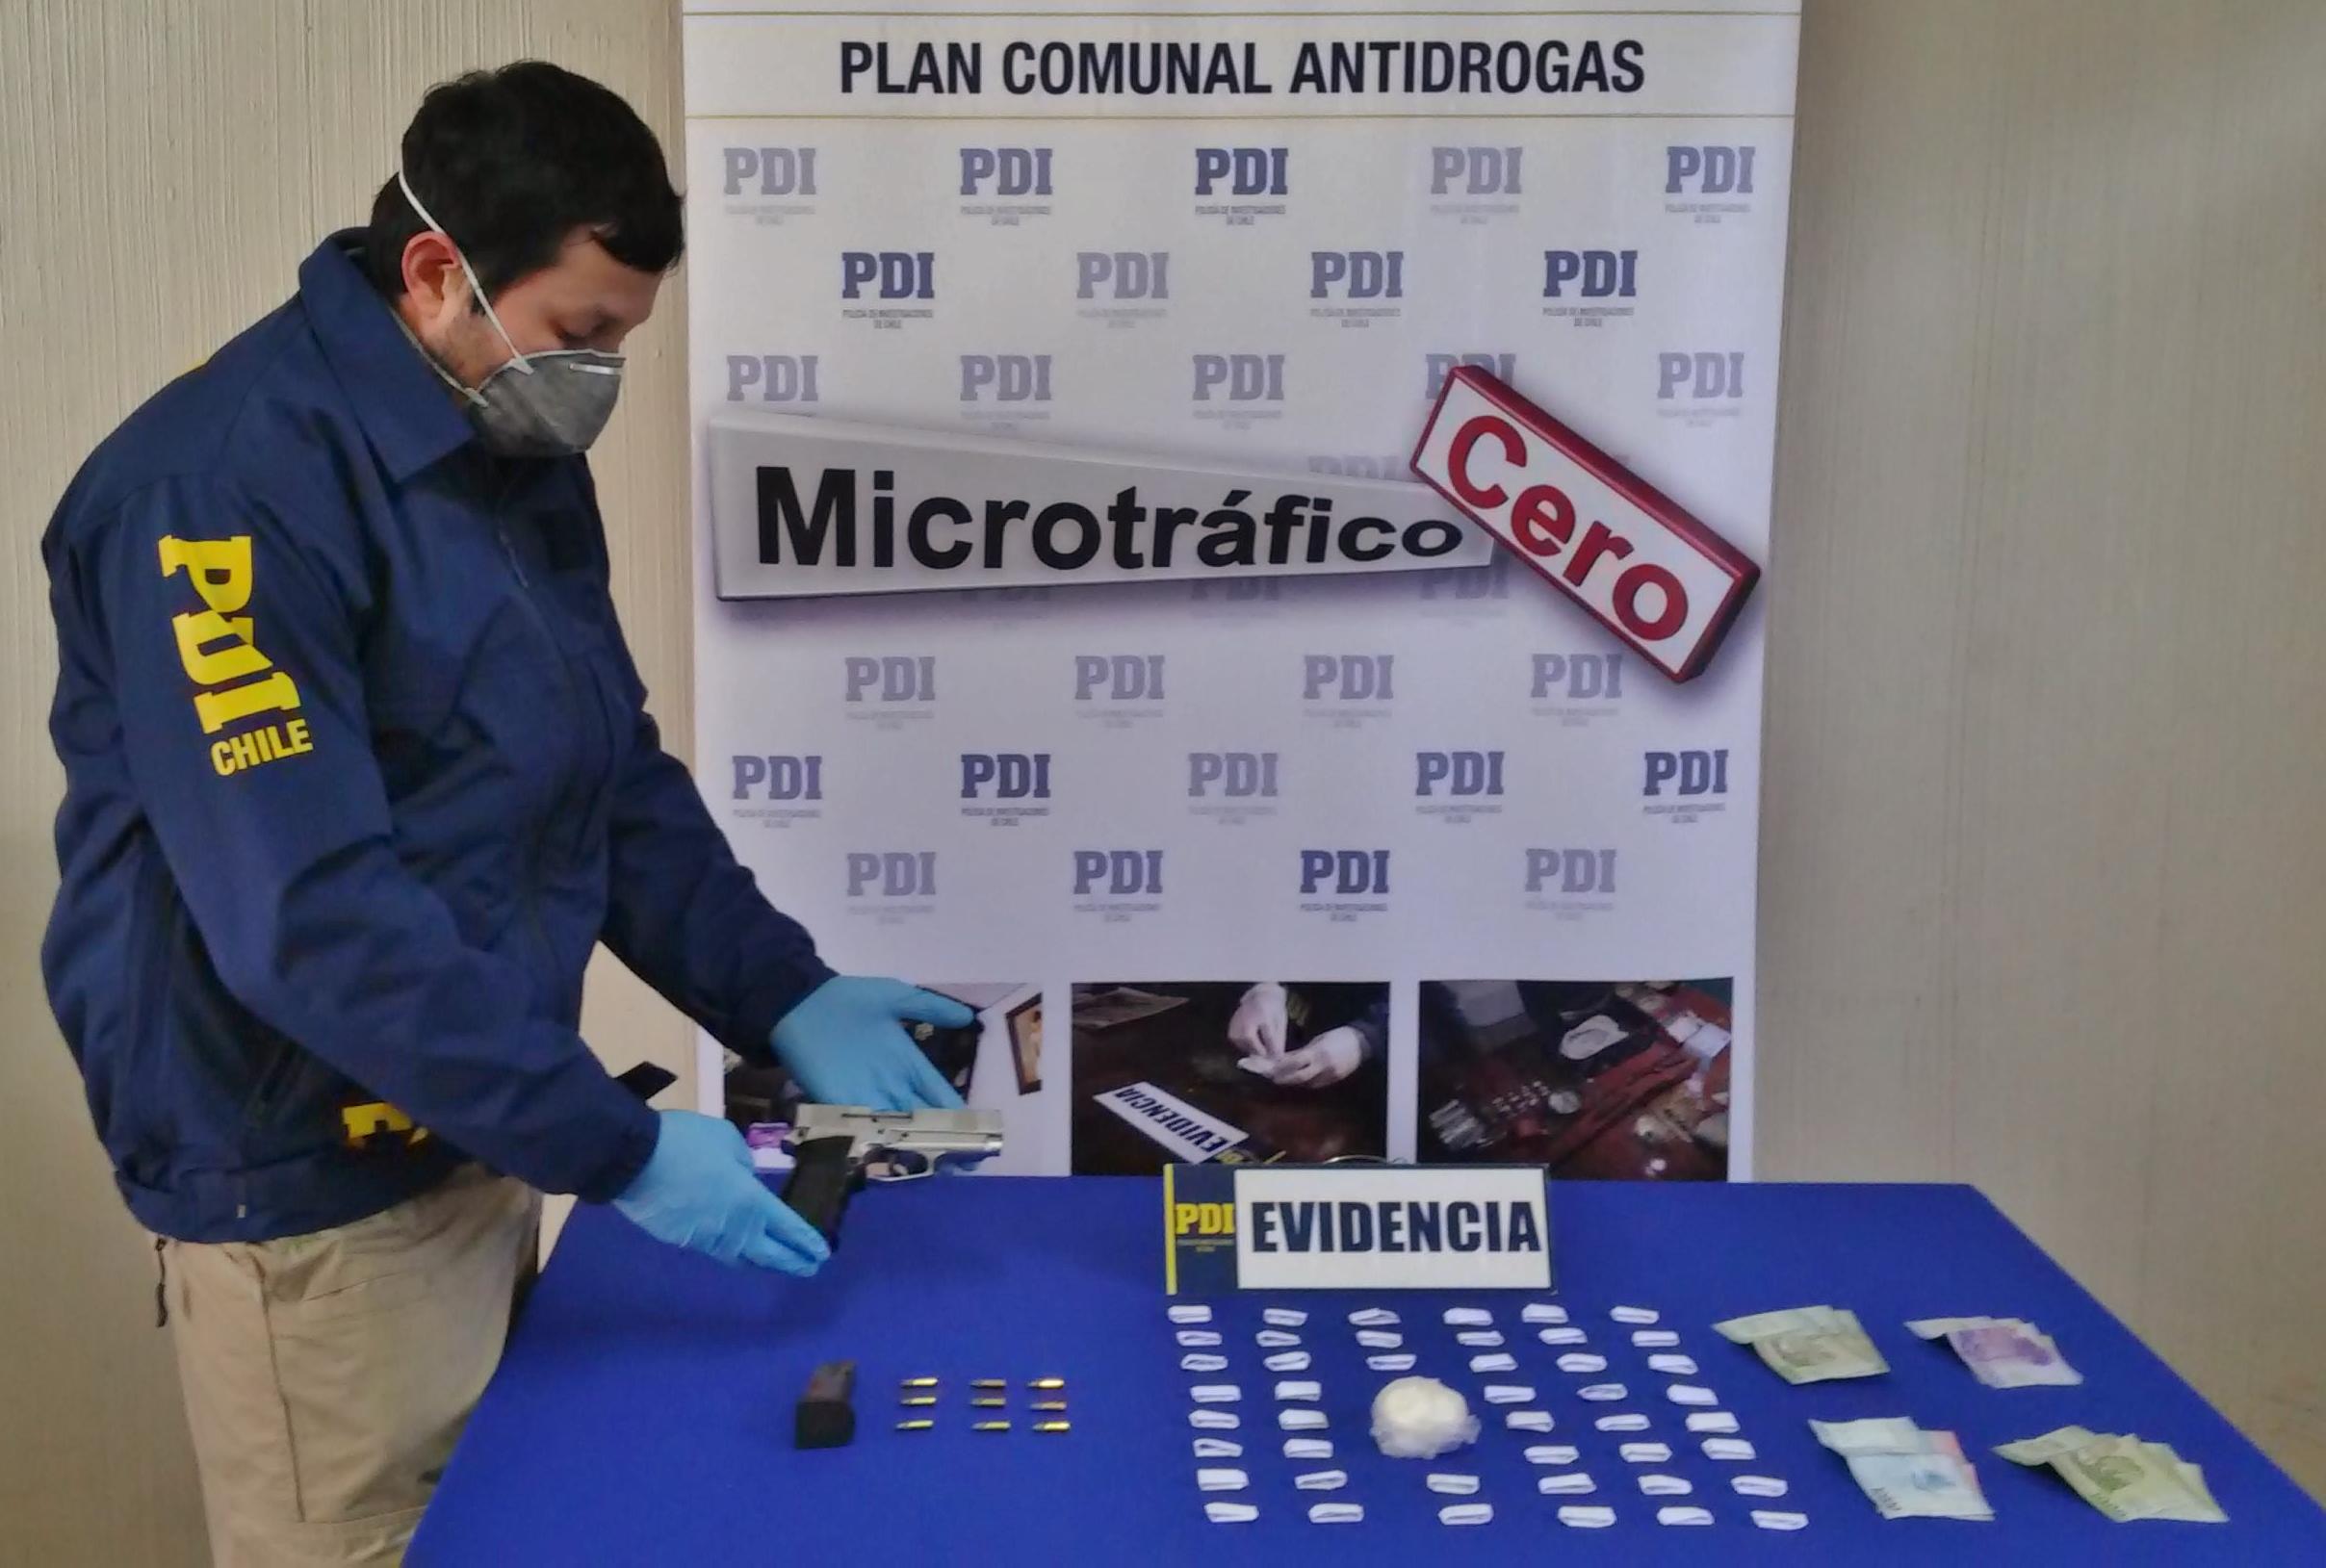 PDI detiene a hombre dedicado al microtráfico de drogas, e incauta armamento